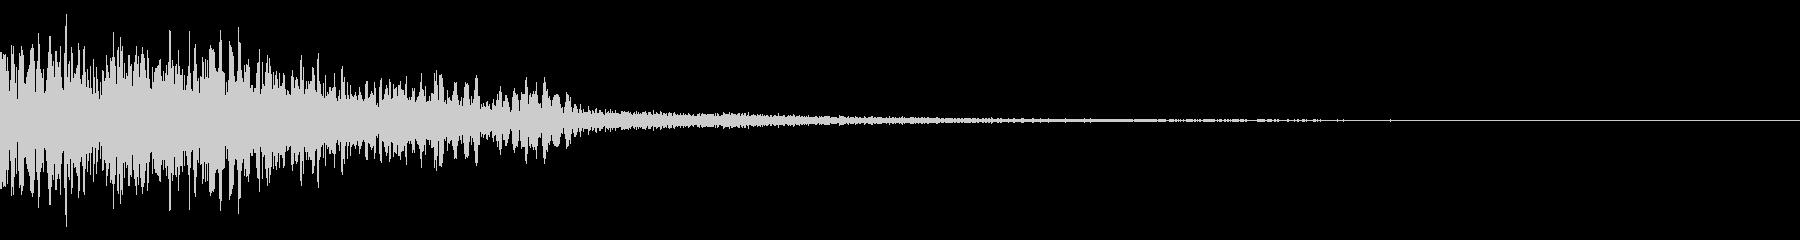 バシュン(出現/敵/戦闘開始)の未再生の波形